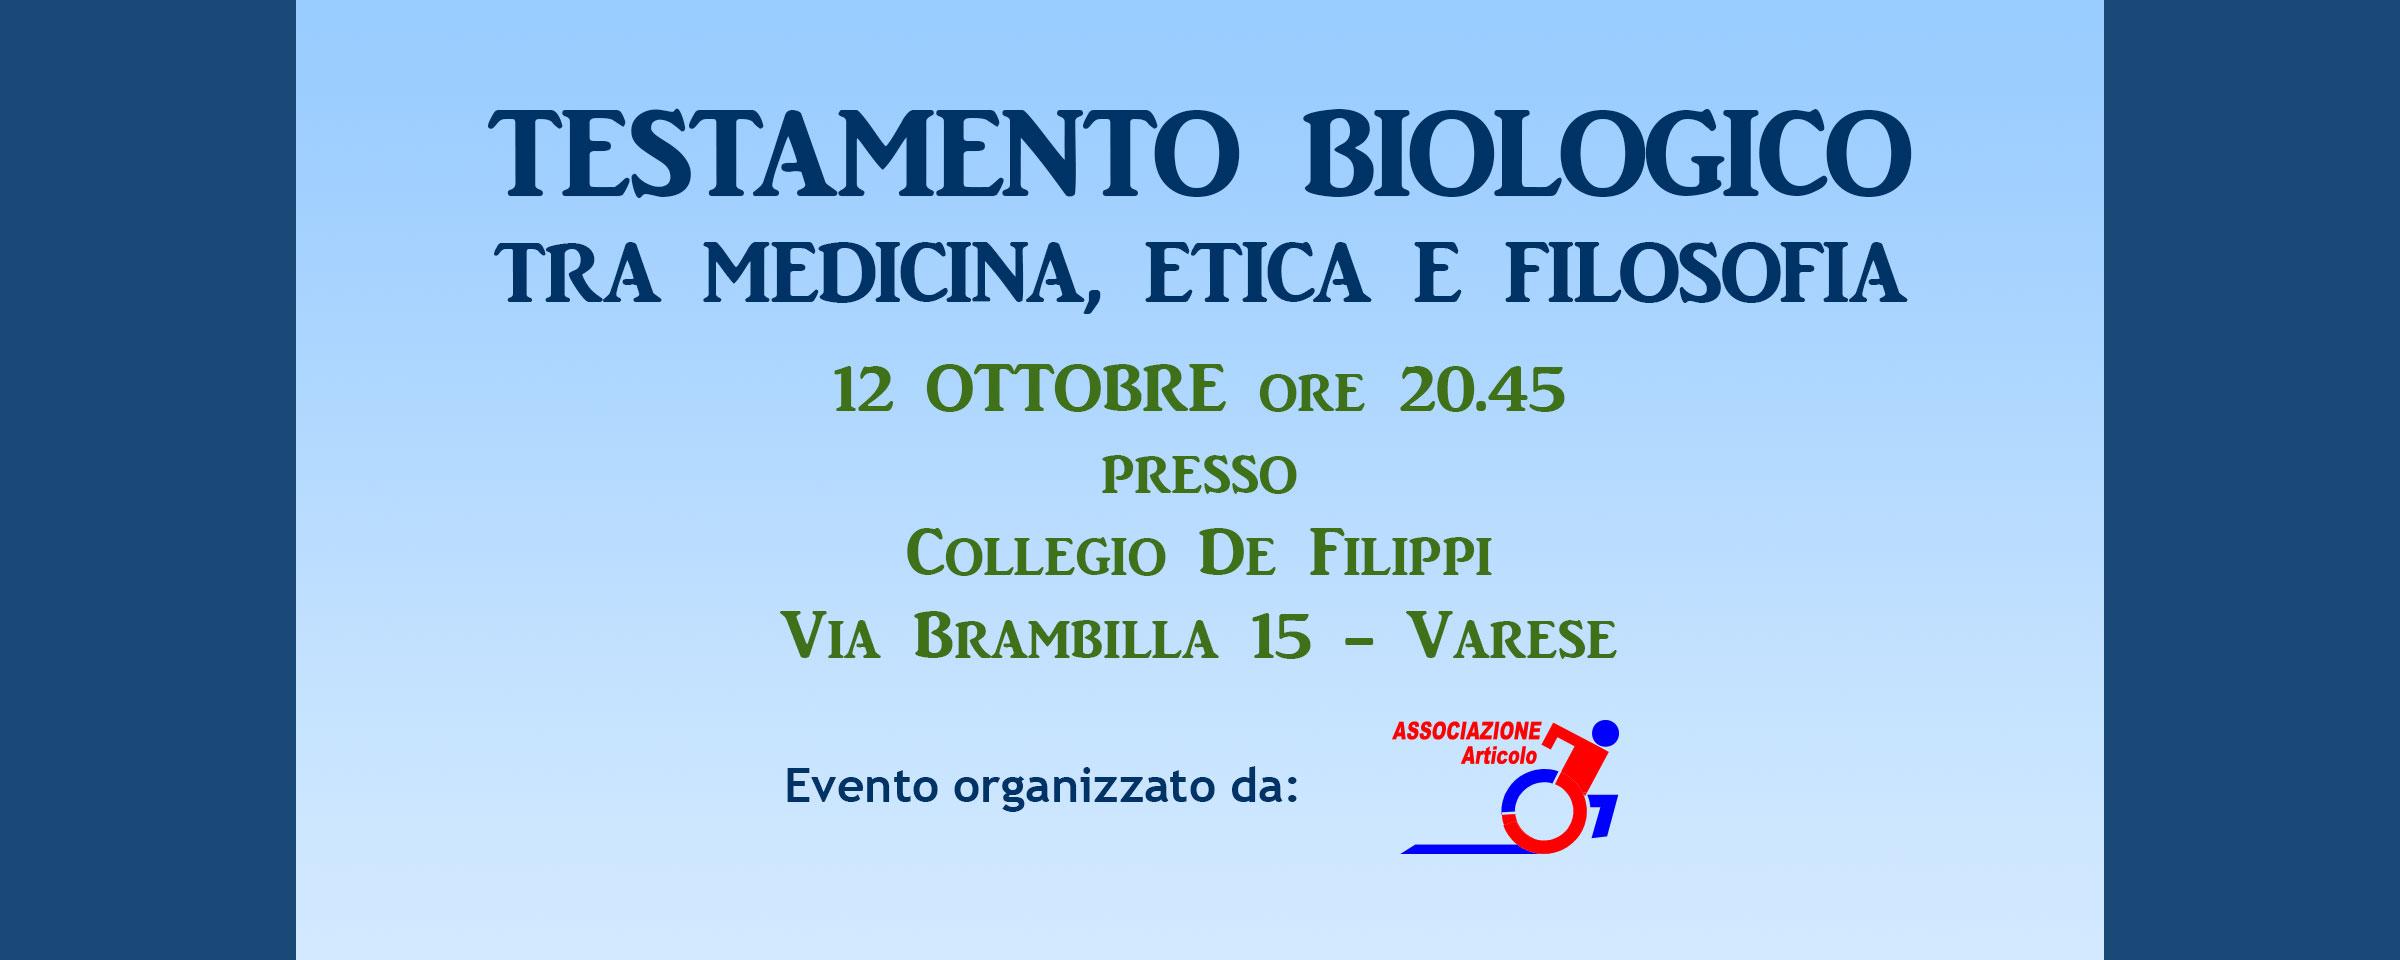 testamento-biologico-tra-medicina-etica-e-filosofia-varese